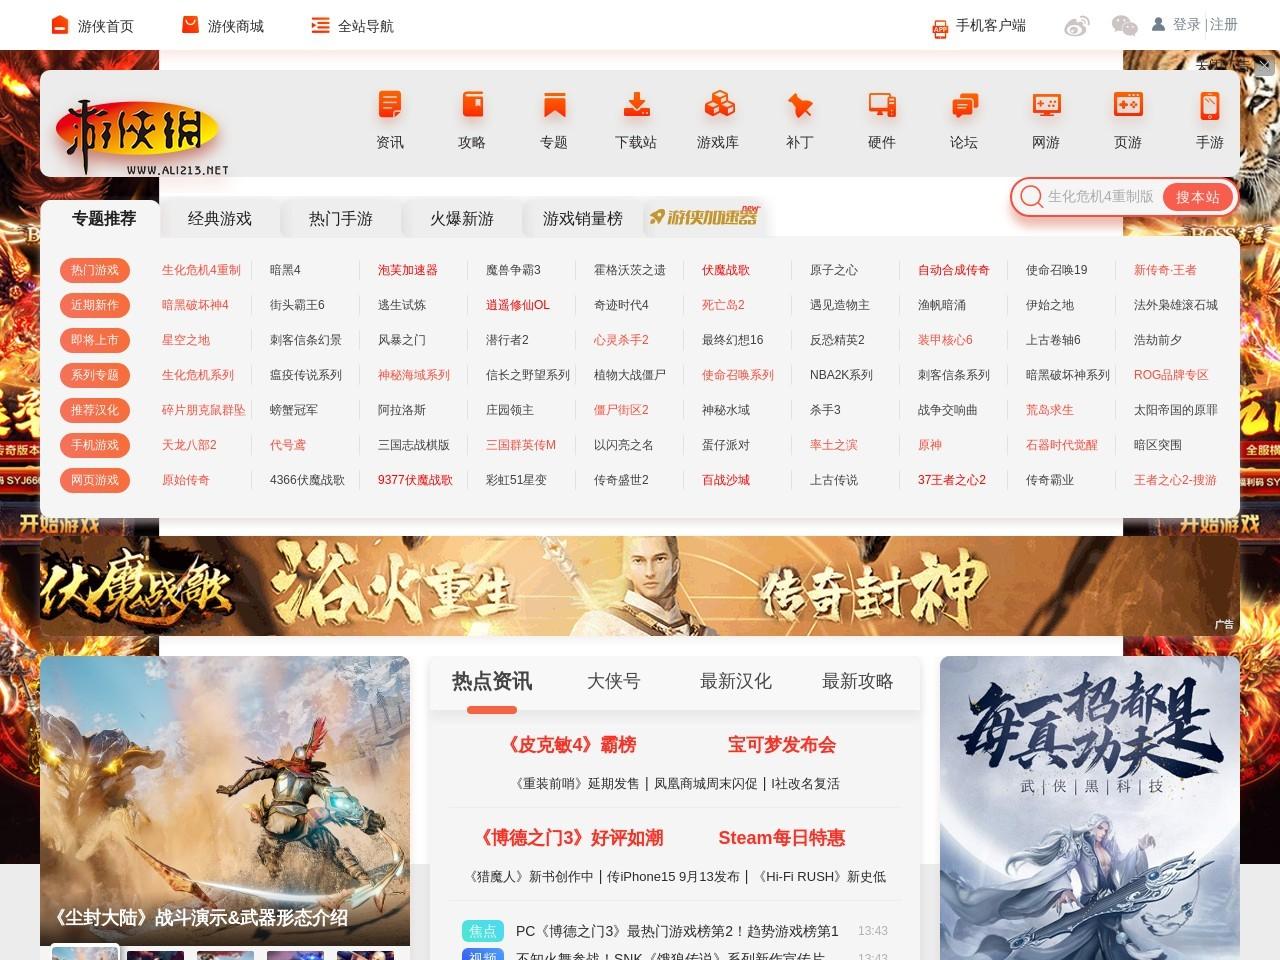 """键鼠就能玩!《半条命:爱莉克斯》""""去VR""""MOD演示_游侠网 Ali213.net"""